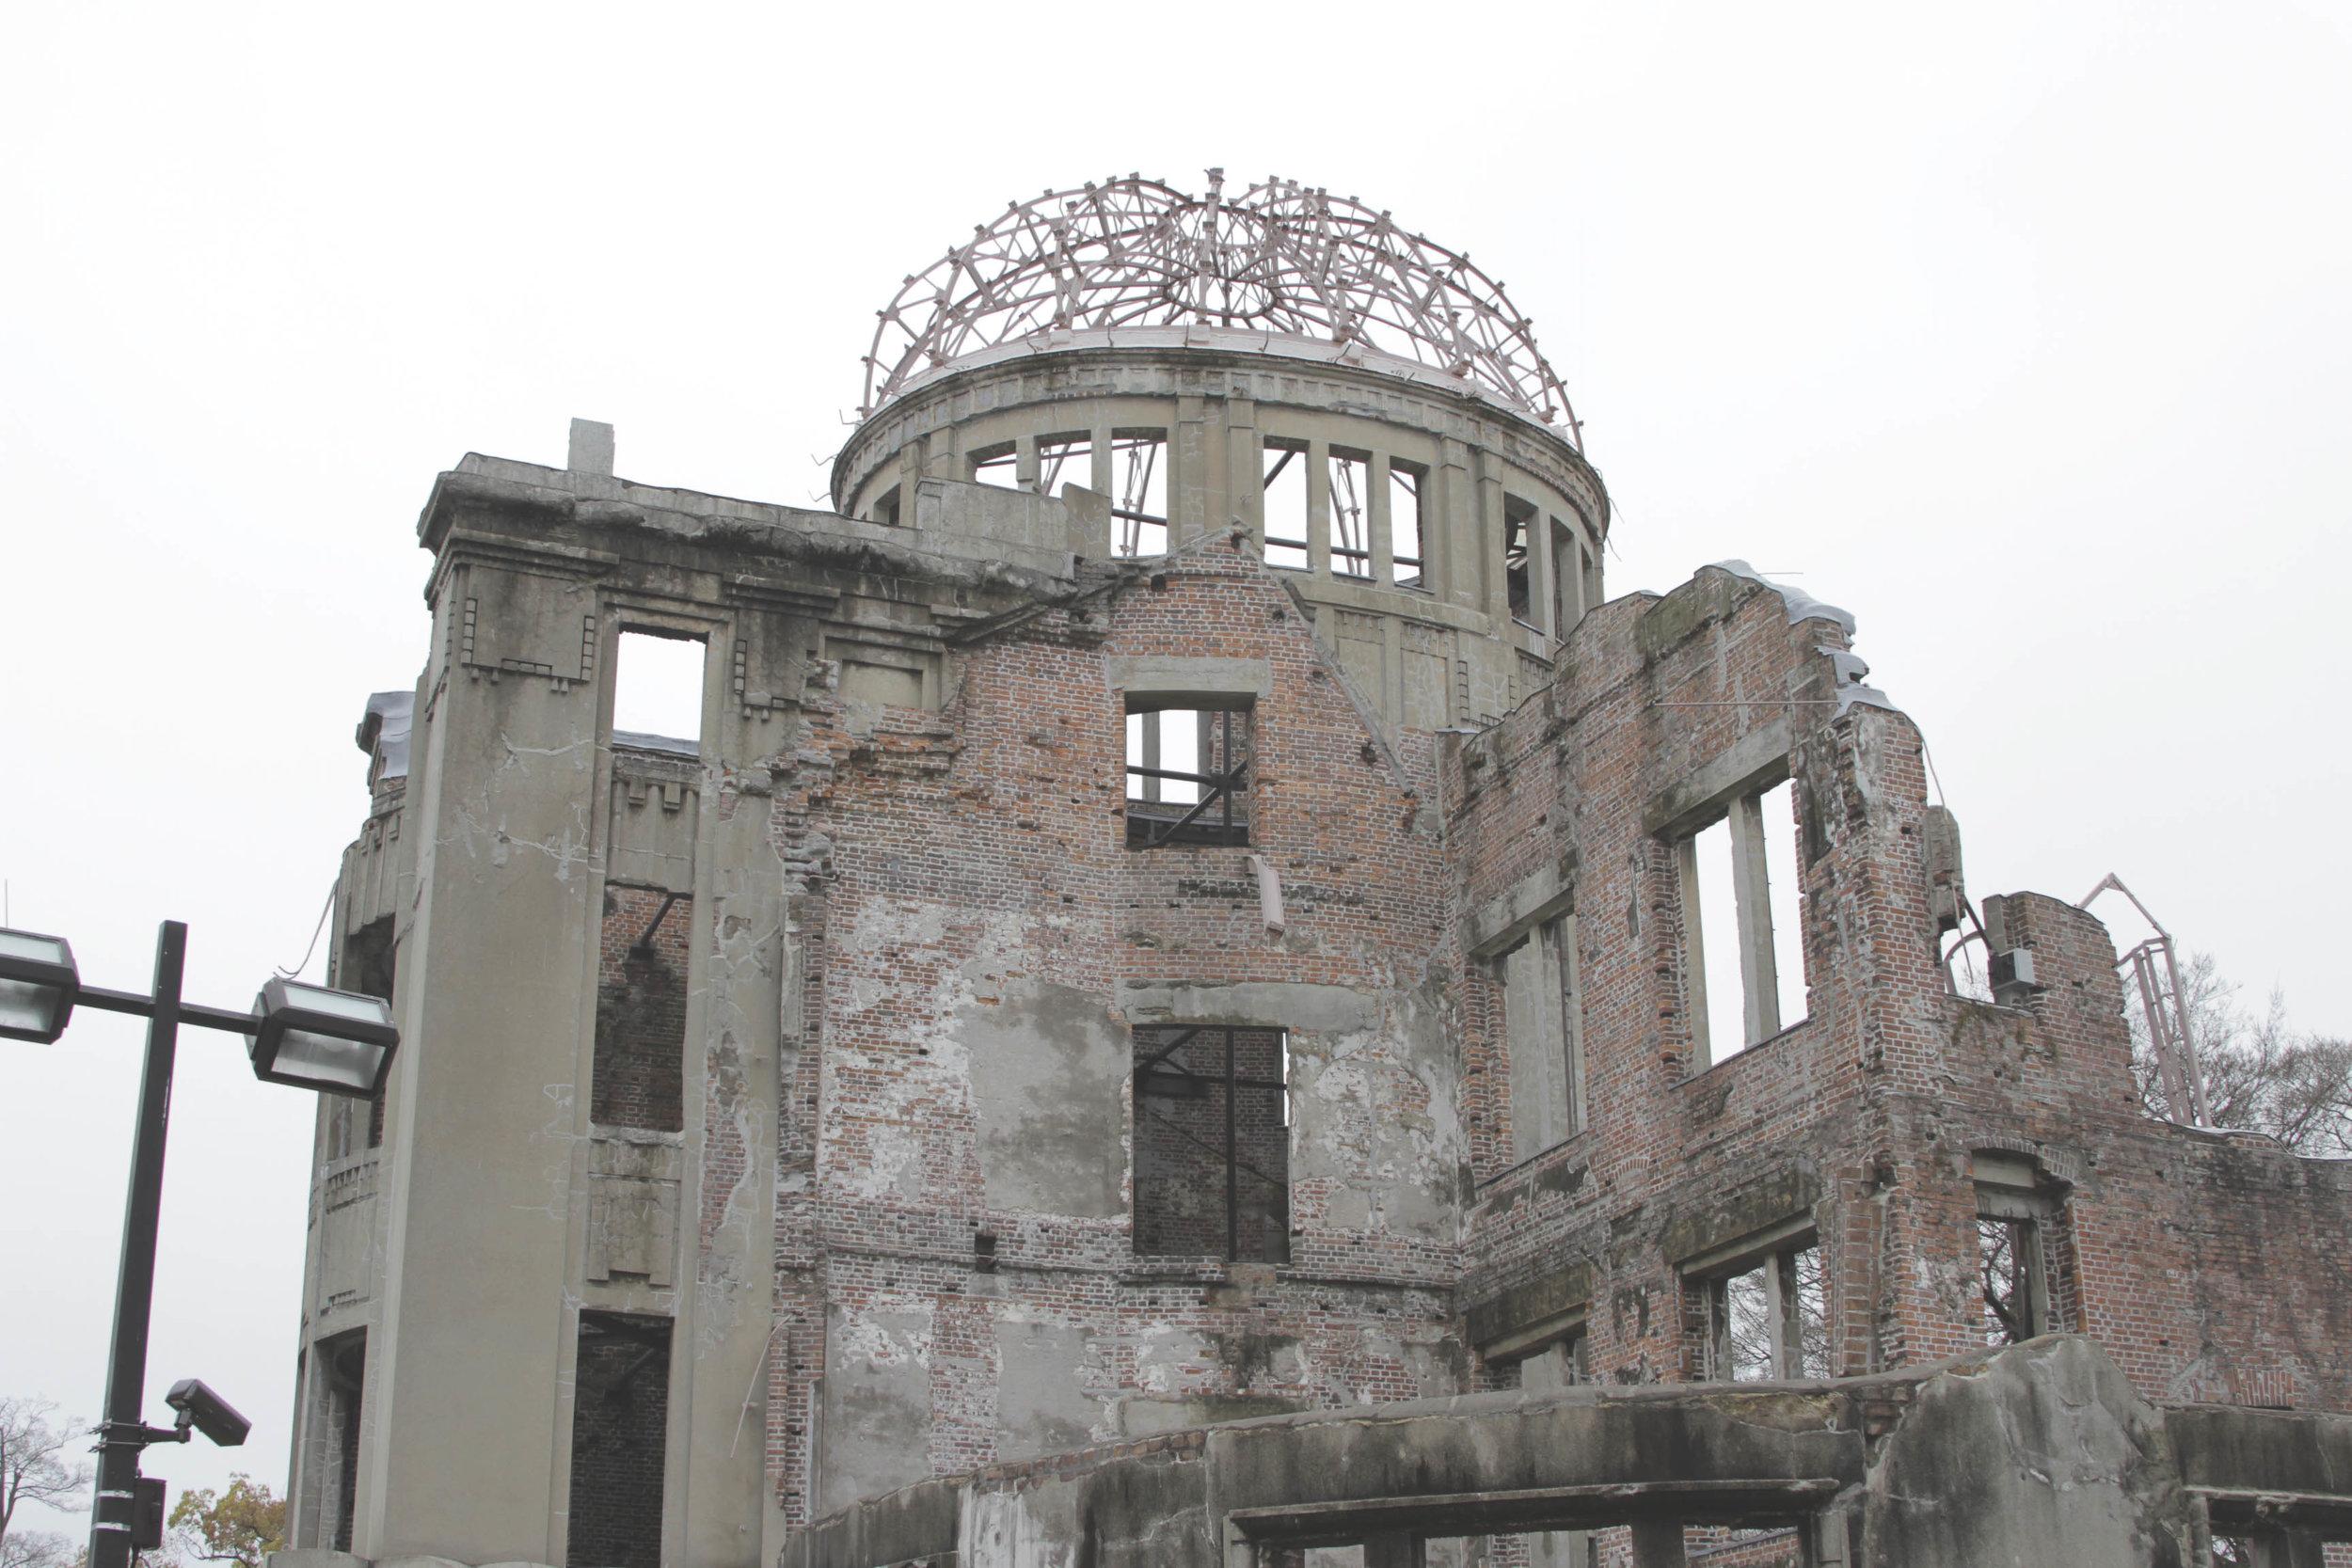 Domo da Bomba Atômica, uma das poucas construções que se manteve erguida após a explosão da bomba.